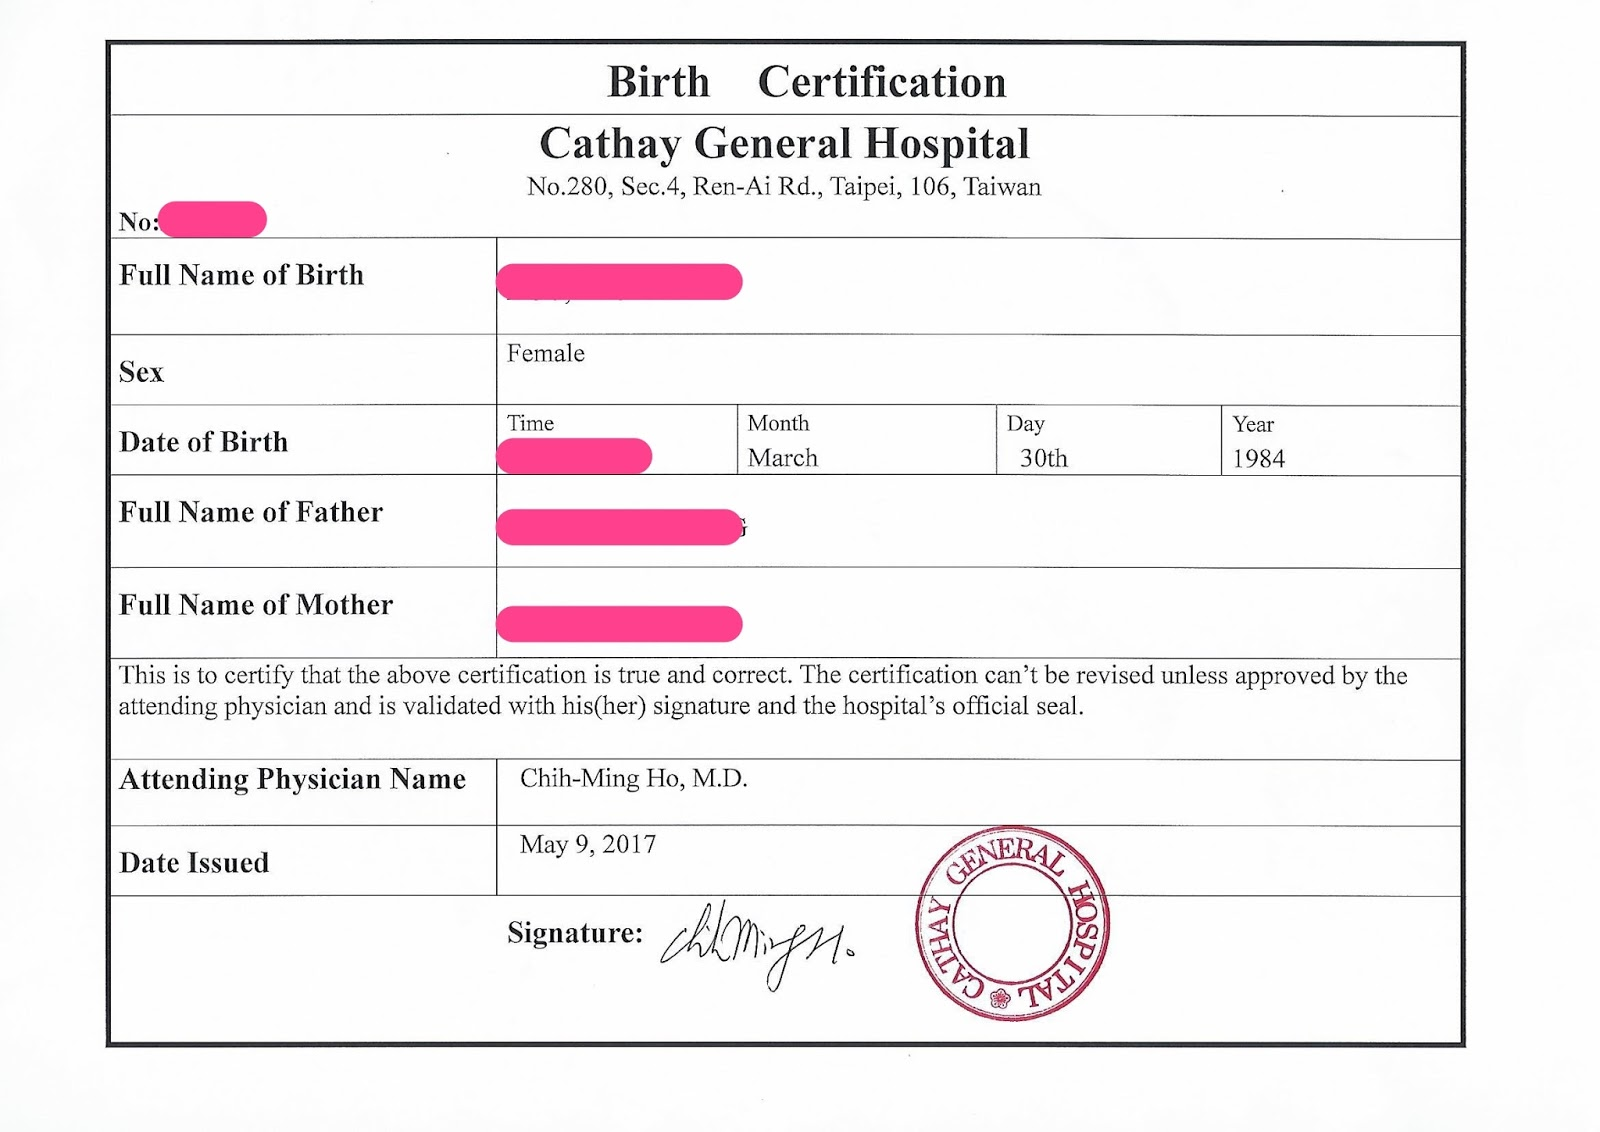 ★ Lena x 美國加州生活日記 ★ : 【婚姻綠卡申請】婚姻綠卡面試 - 問題 & 準備事項